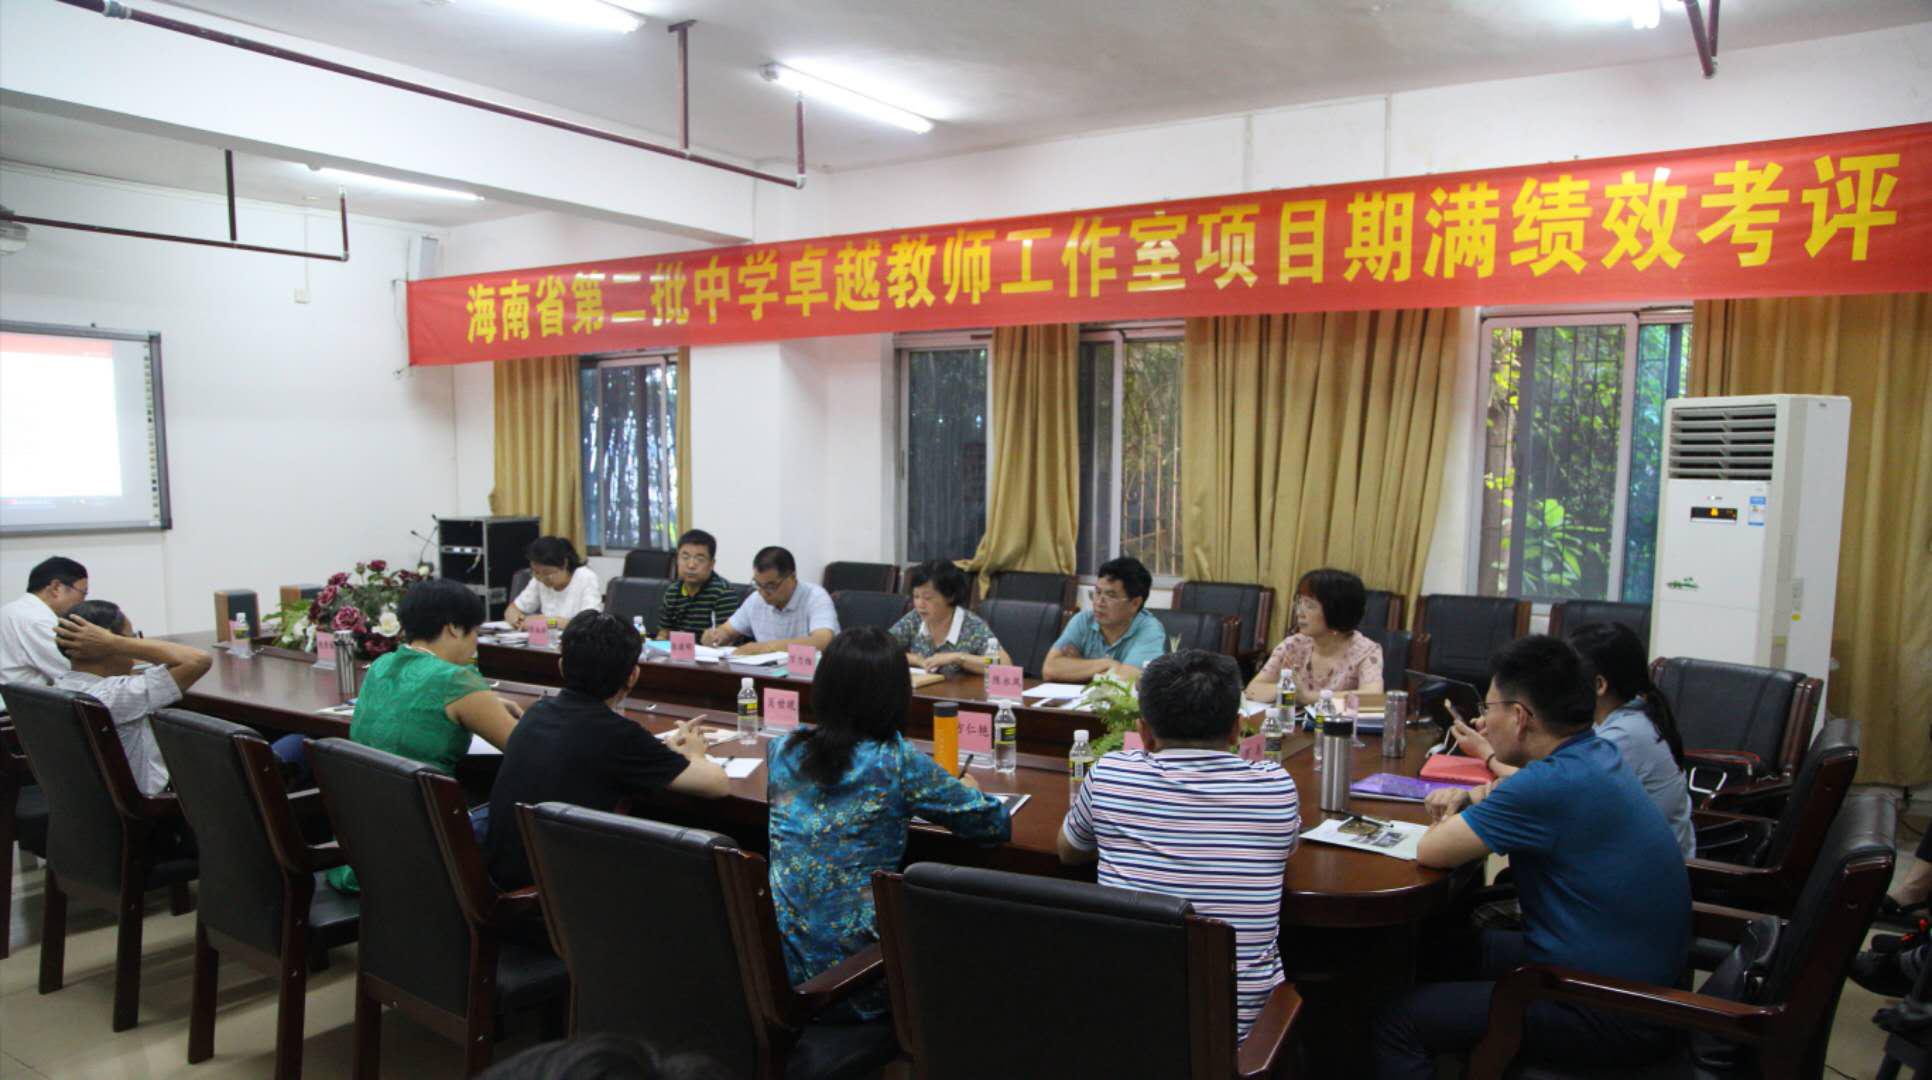 我院组织海南省第二批中学卓越教师工作室期满绩效考评活动